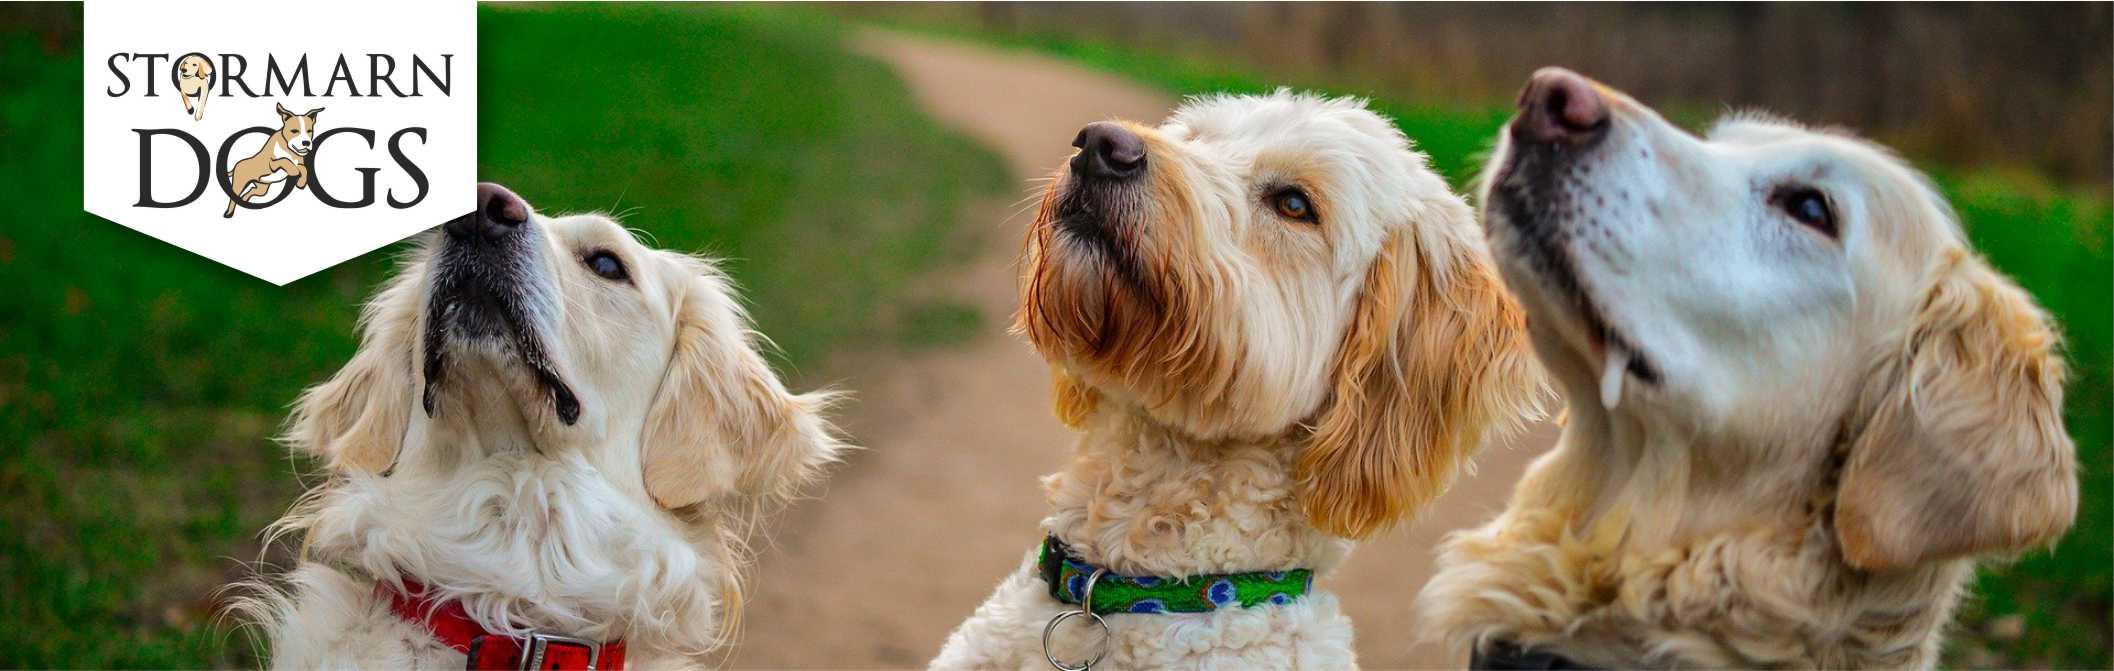 Hundeerziehung formt tolle Mensch-Hund-Teams | Stormarn Dogs